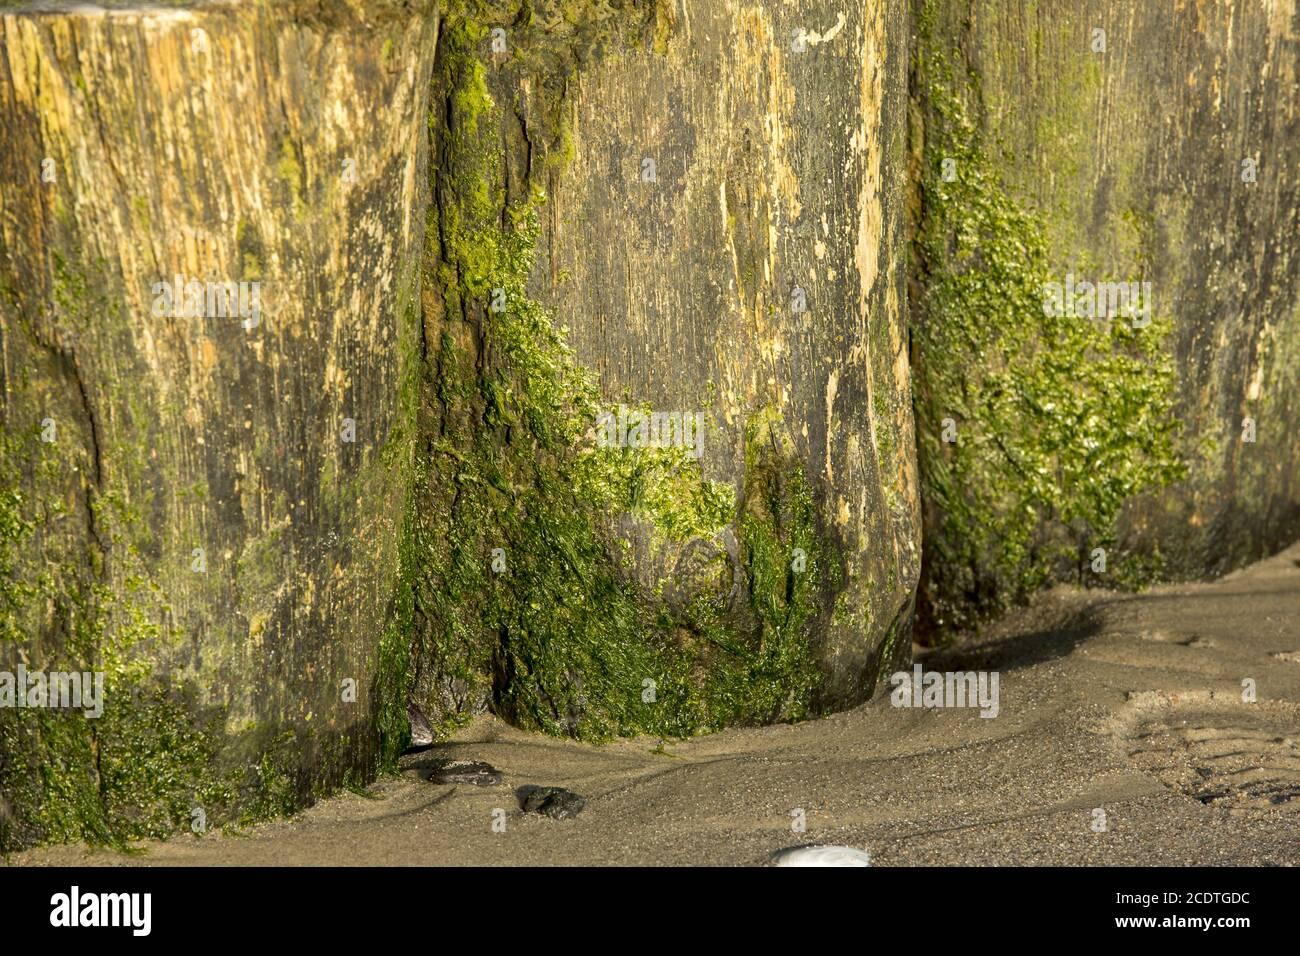 Cerca de los gruñidos en la playa de arena algas verdes Foto de stock